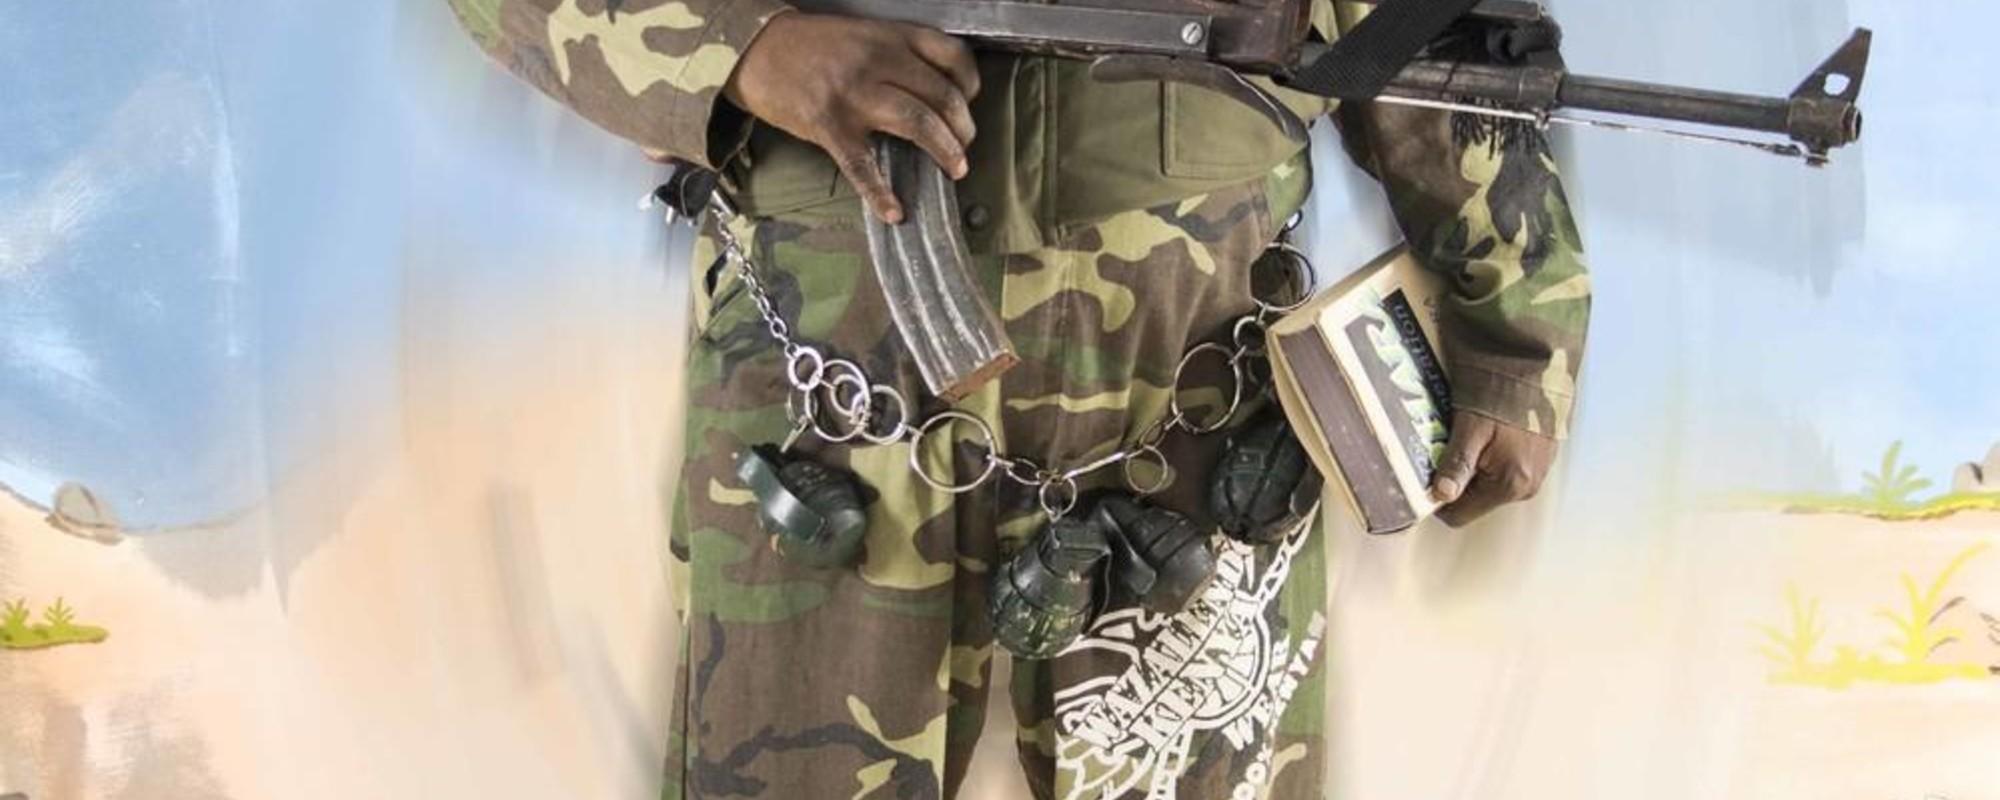 Πορτρέτα Αντρών που Ξεγέλασαν τα Μέσα Ενημέρωσης ότι Ήταν Σομαλοί Πειρατές